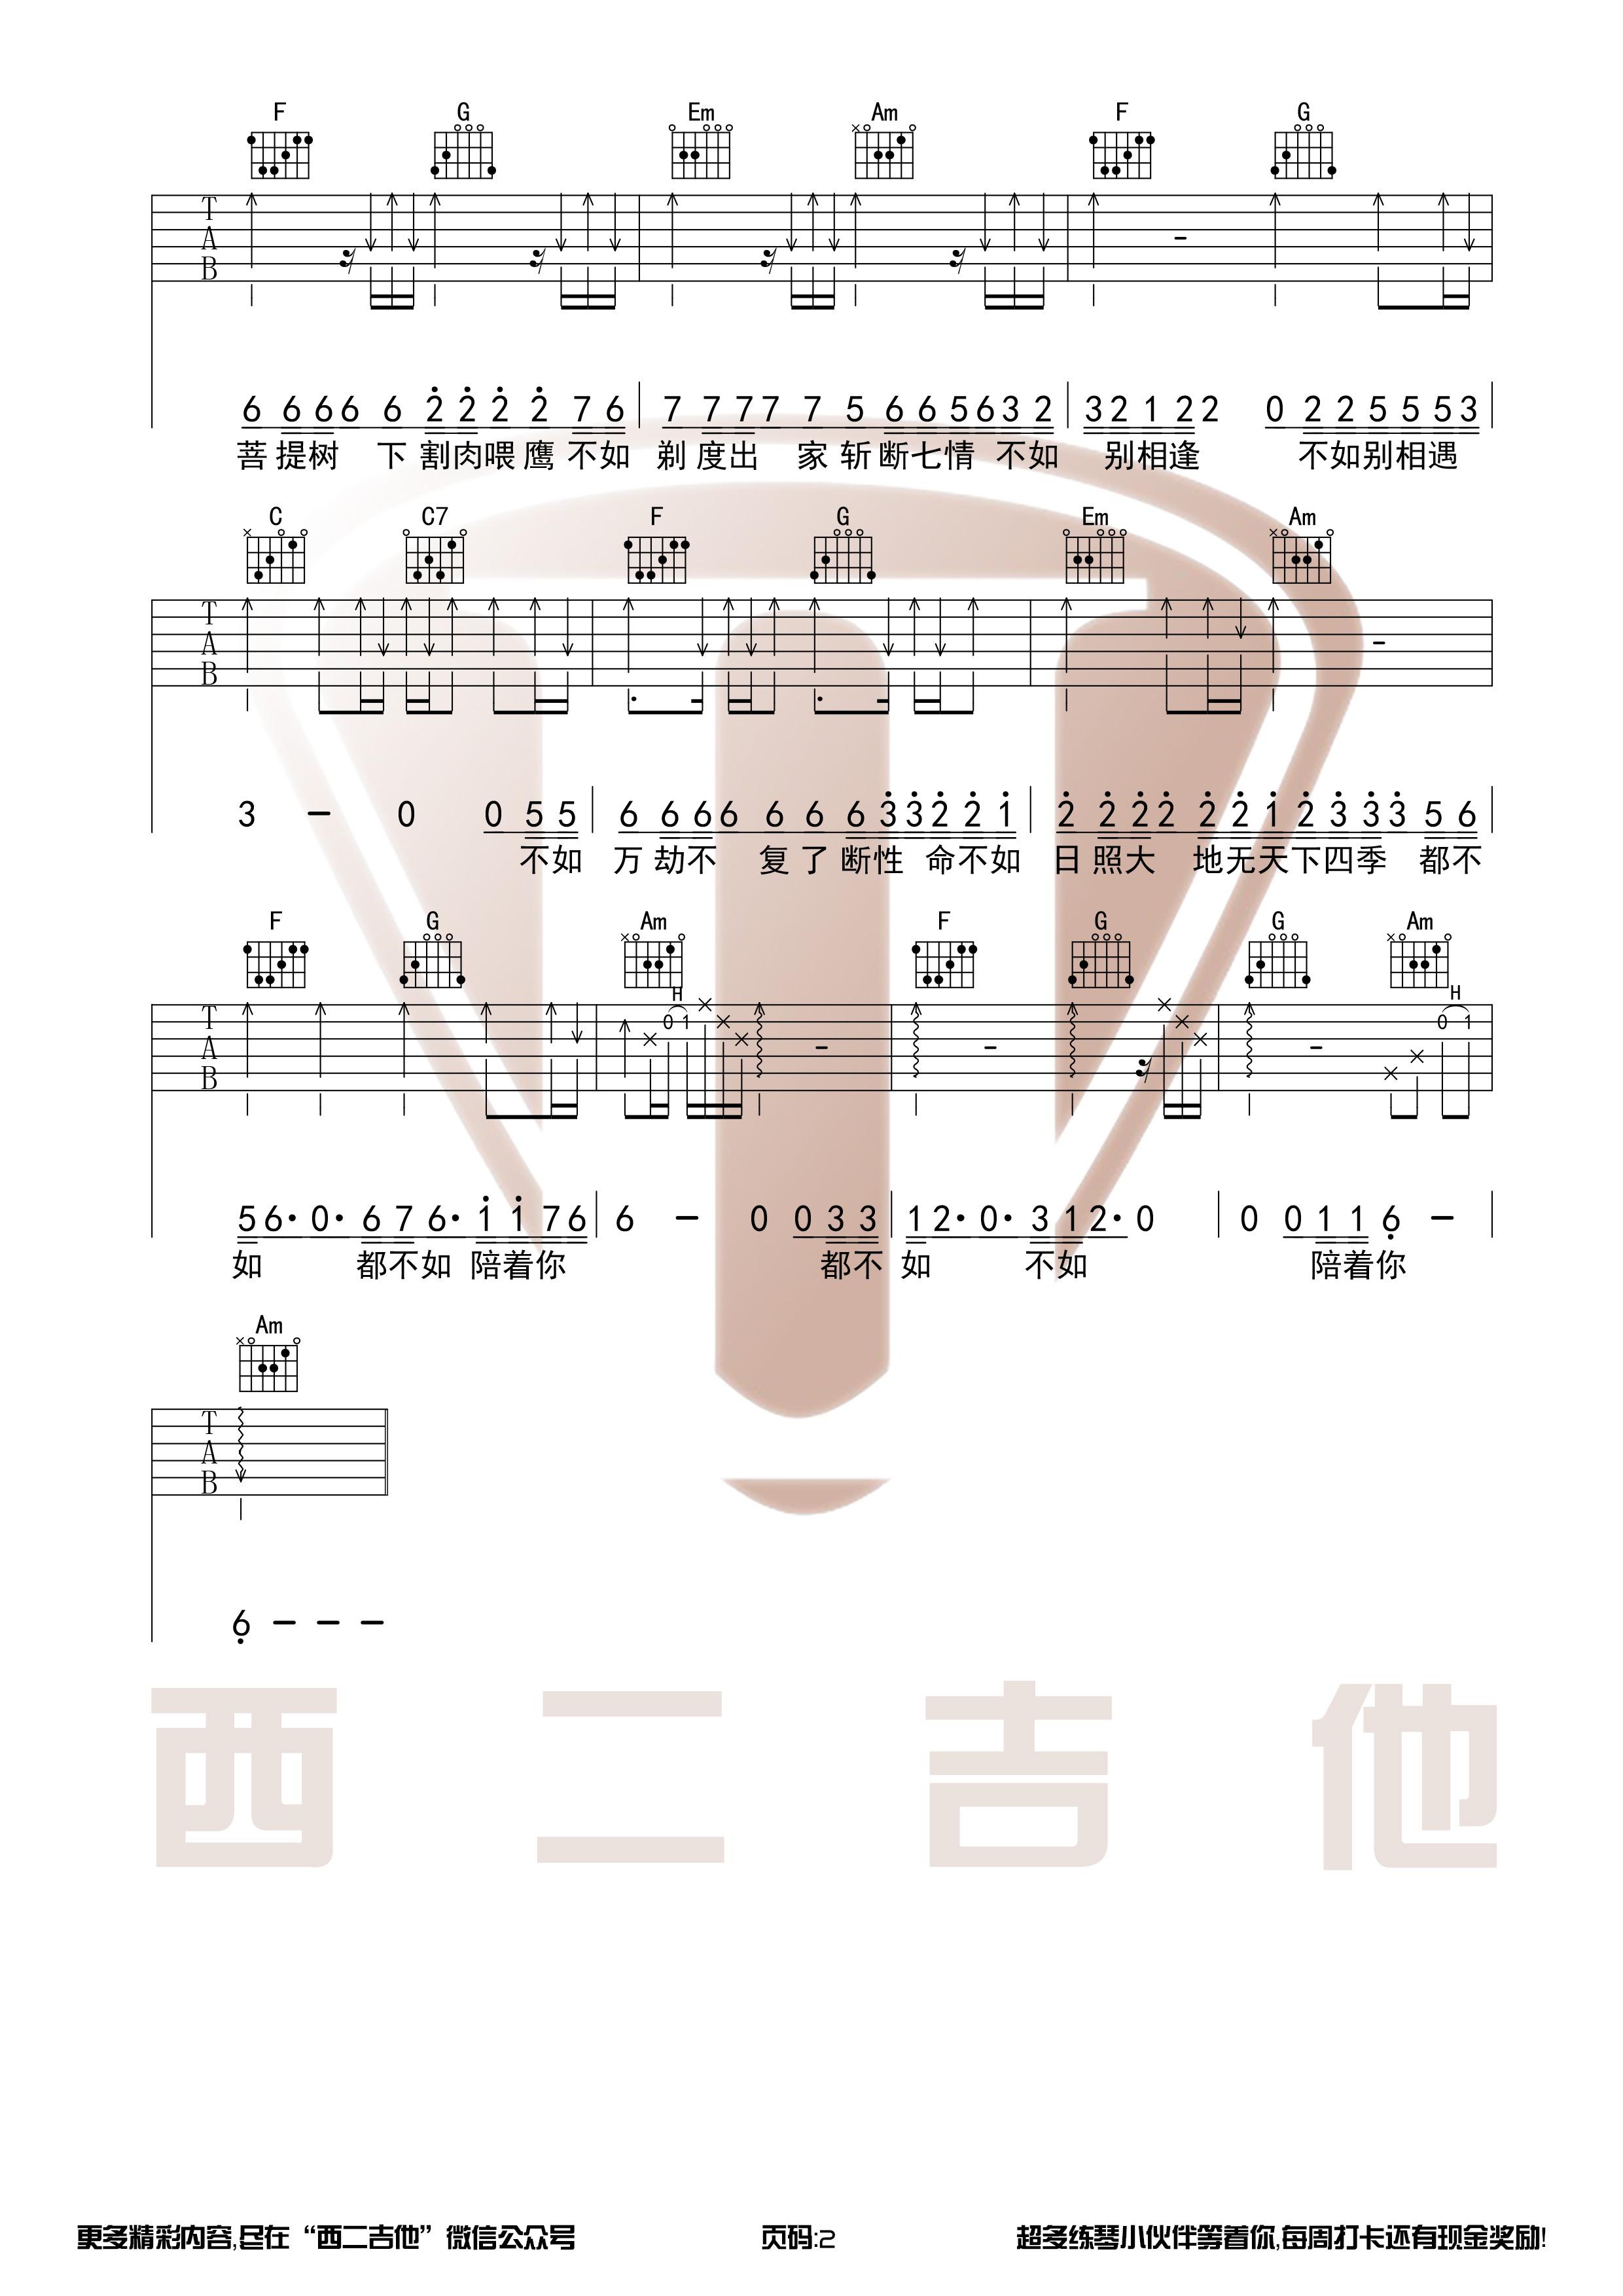 妓和不如-隔壁老樊-图片吉他谱-2